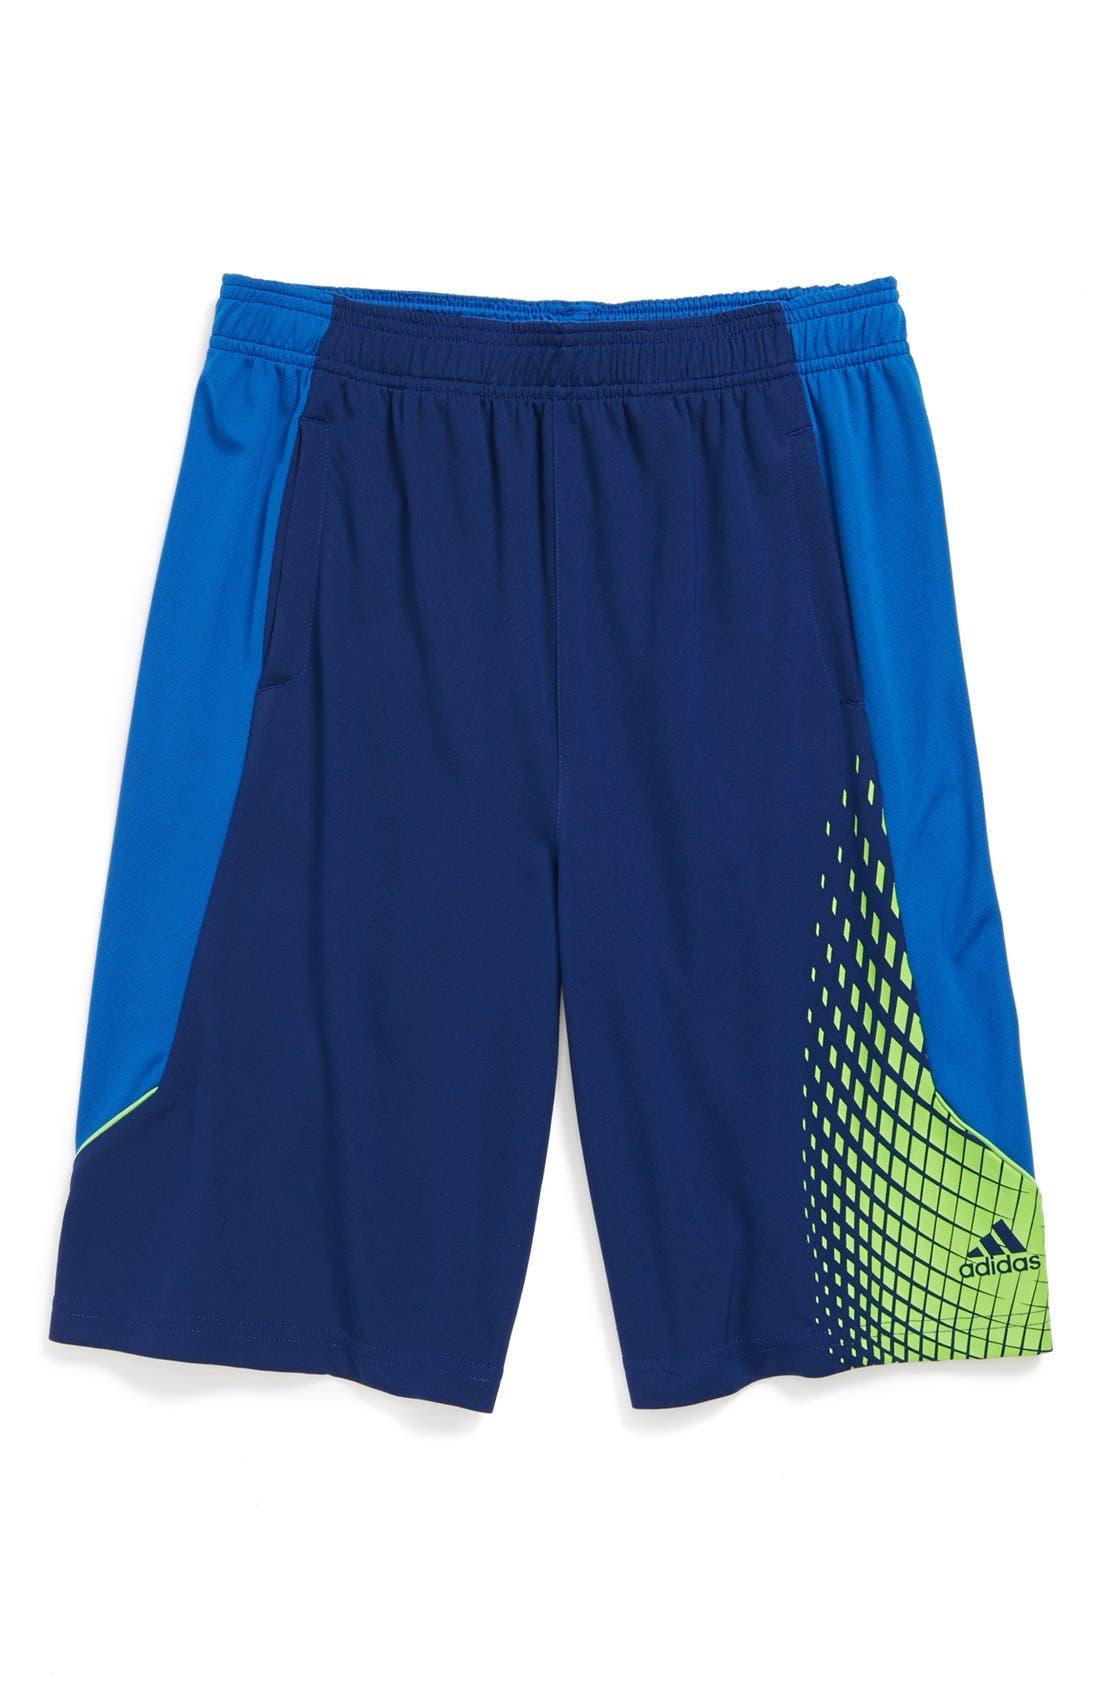 Alternate Image 1 Selected - adidas 'Nitro 2' Graphic CLIMALITE® Shorts (Big Boys)